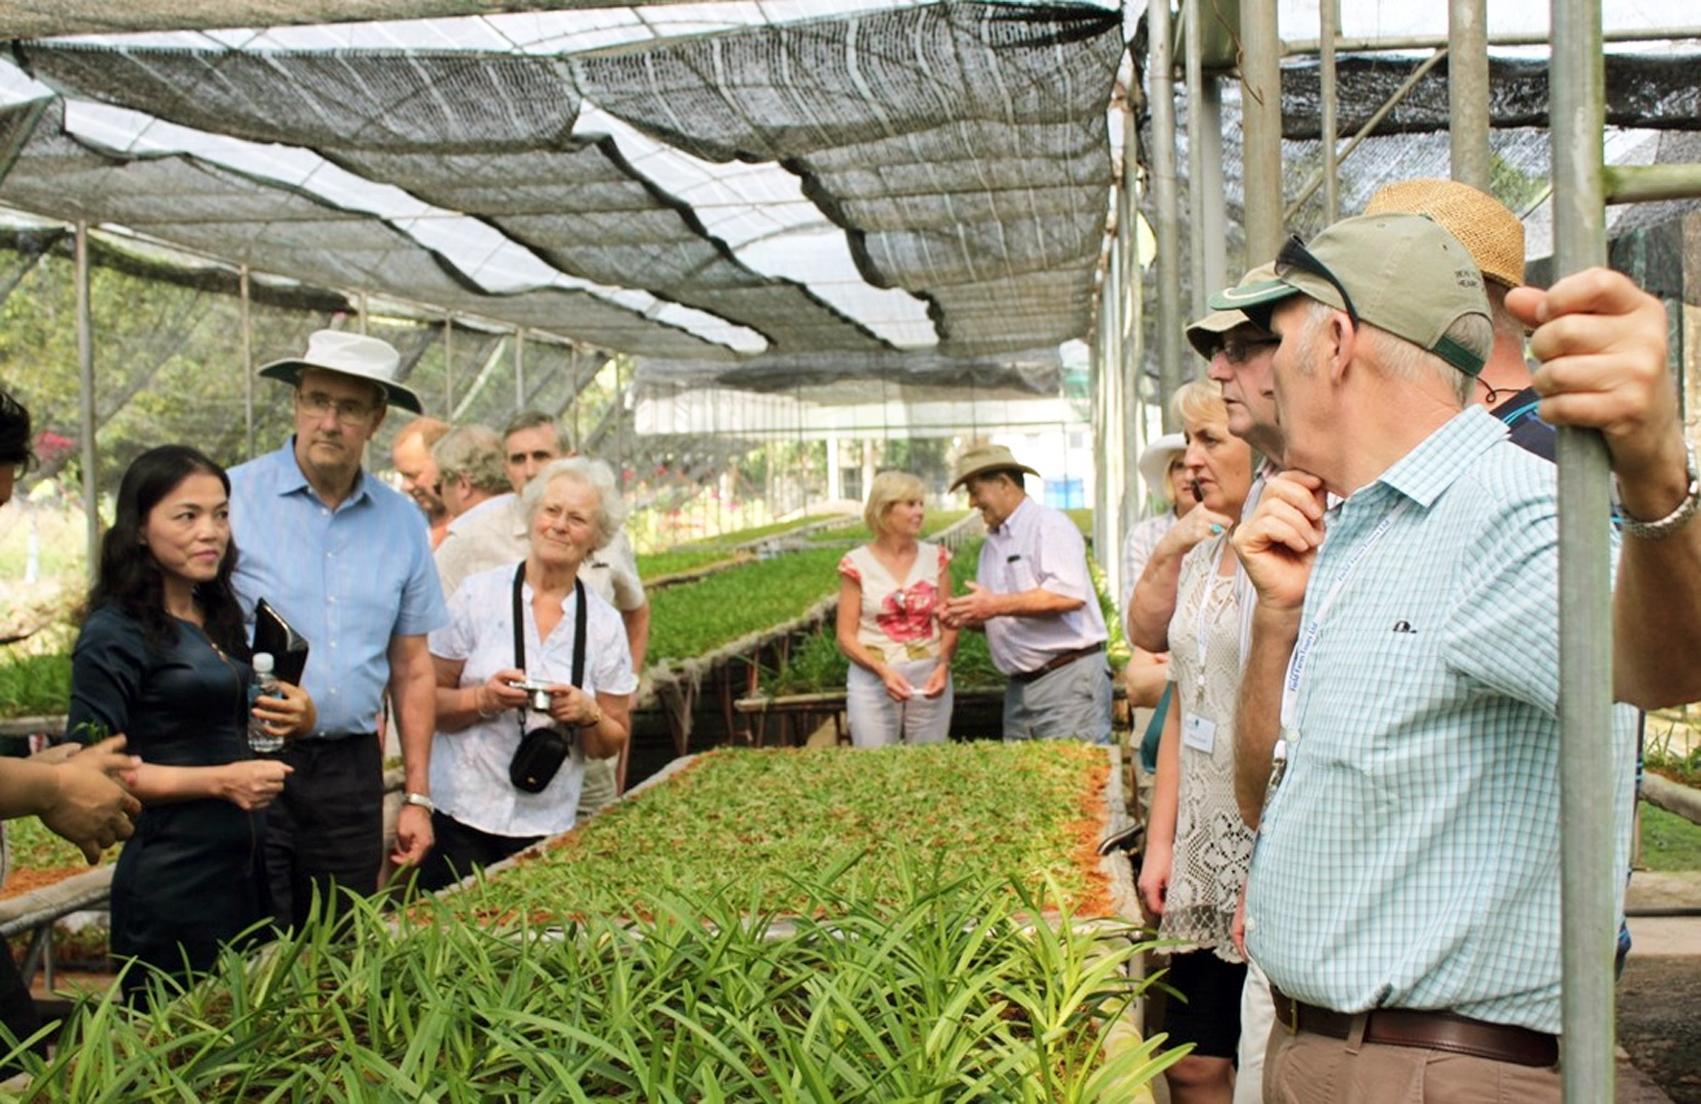 Khách tham quan Khu Nông nghiệp Công nghệ cao TP.HCM - Ảnh: Khu Nông nghiệp Công nghệ cao TP.HCM